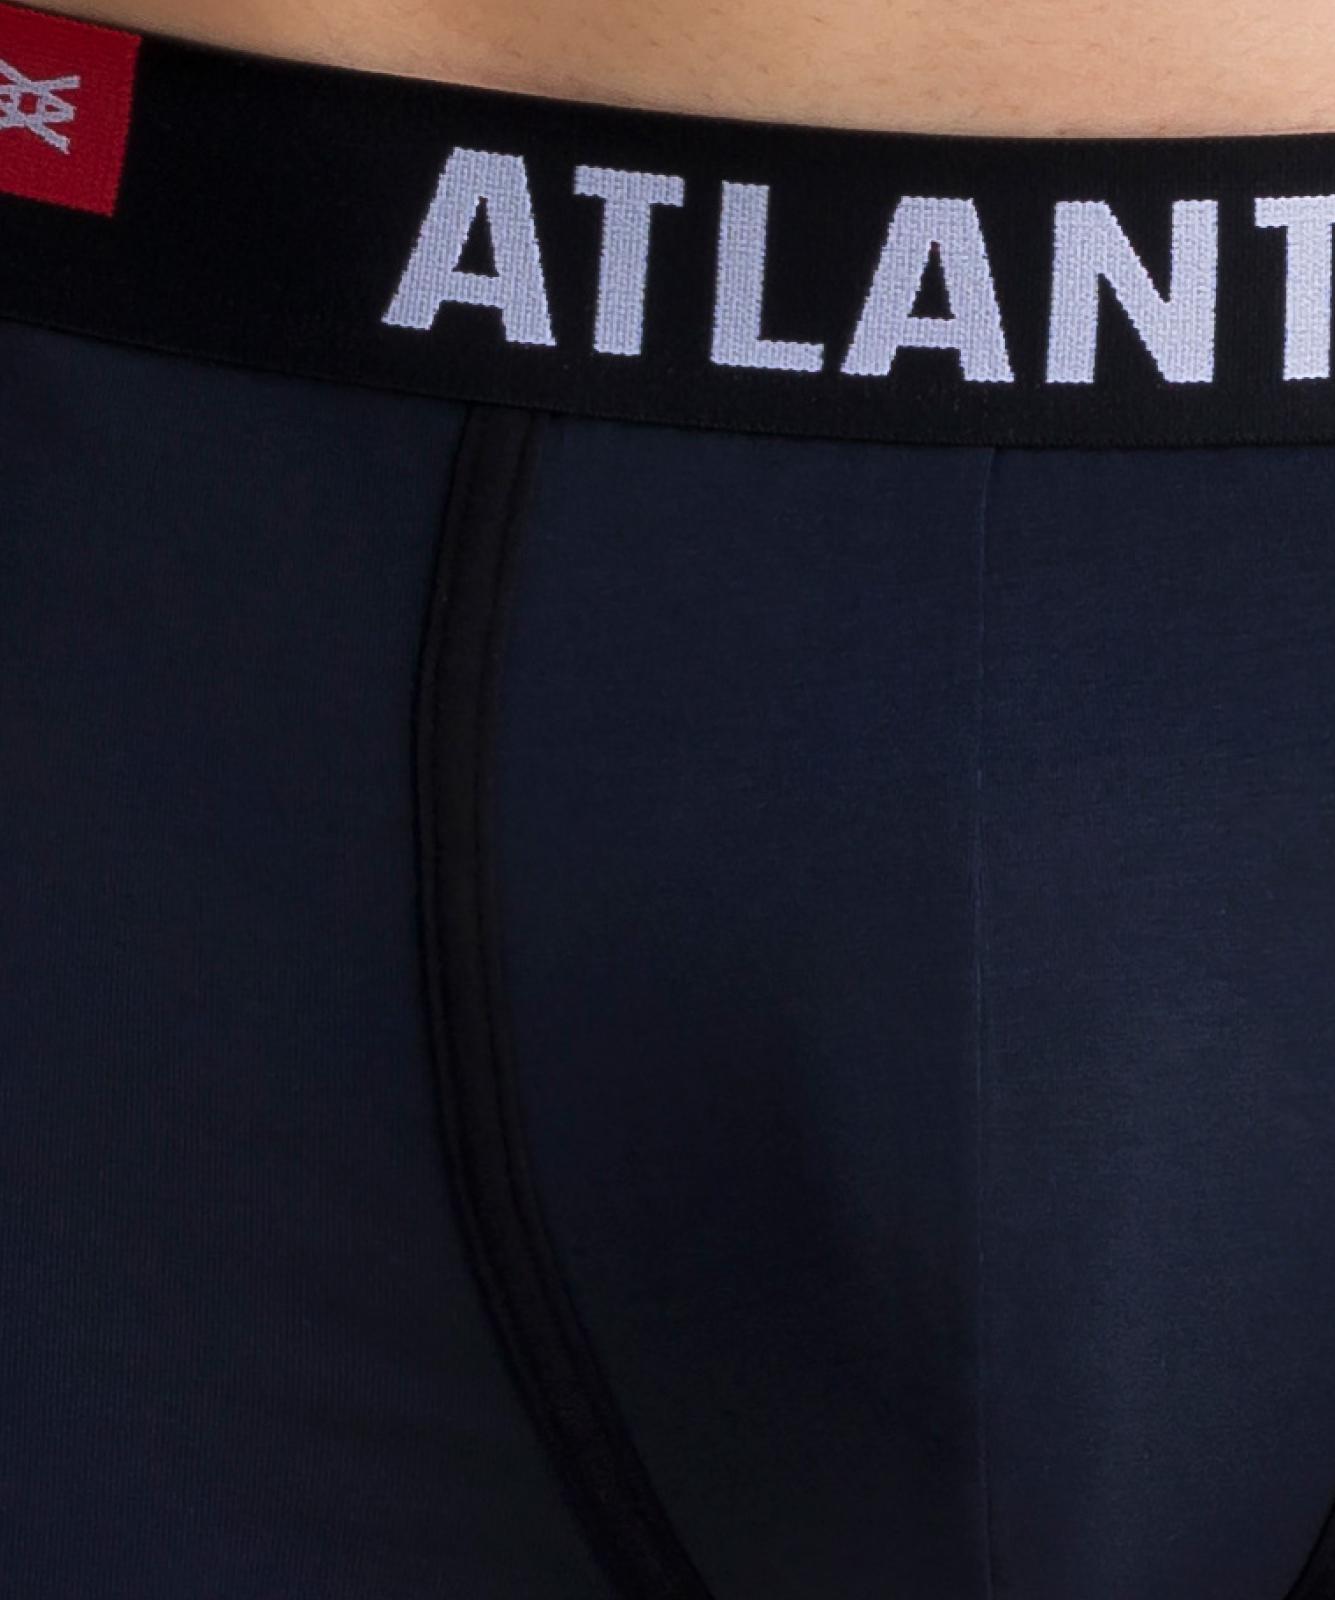 Мужские трусы шорты Atlantic, набор из 3 шт., хлопок, темно-синие + голубые + синие, 3SMH-002